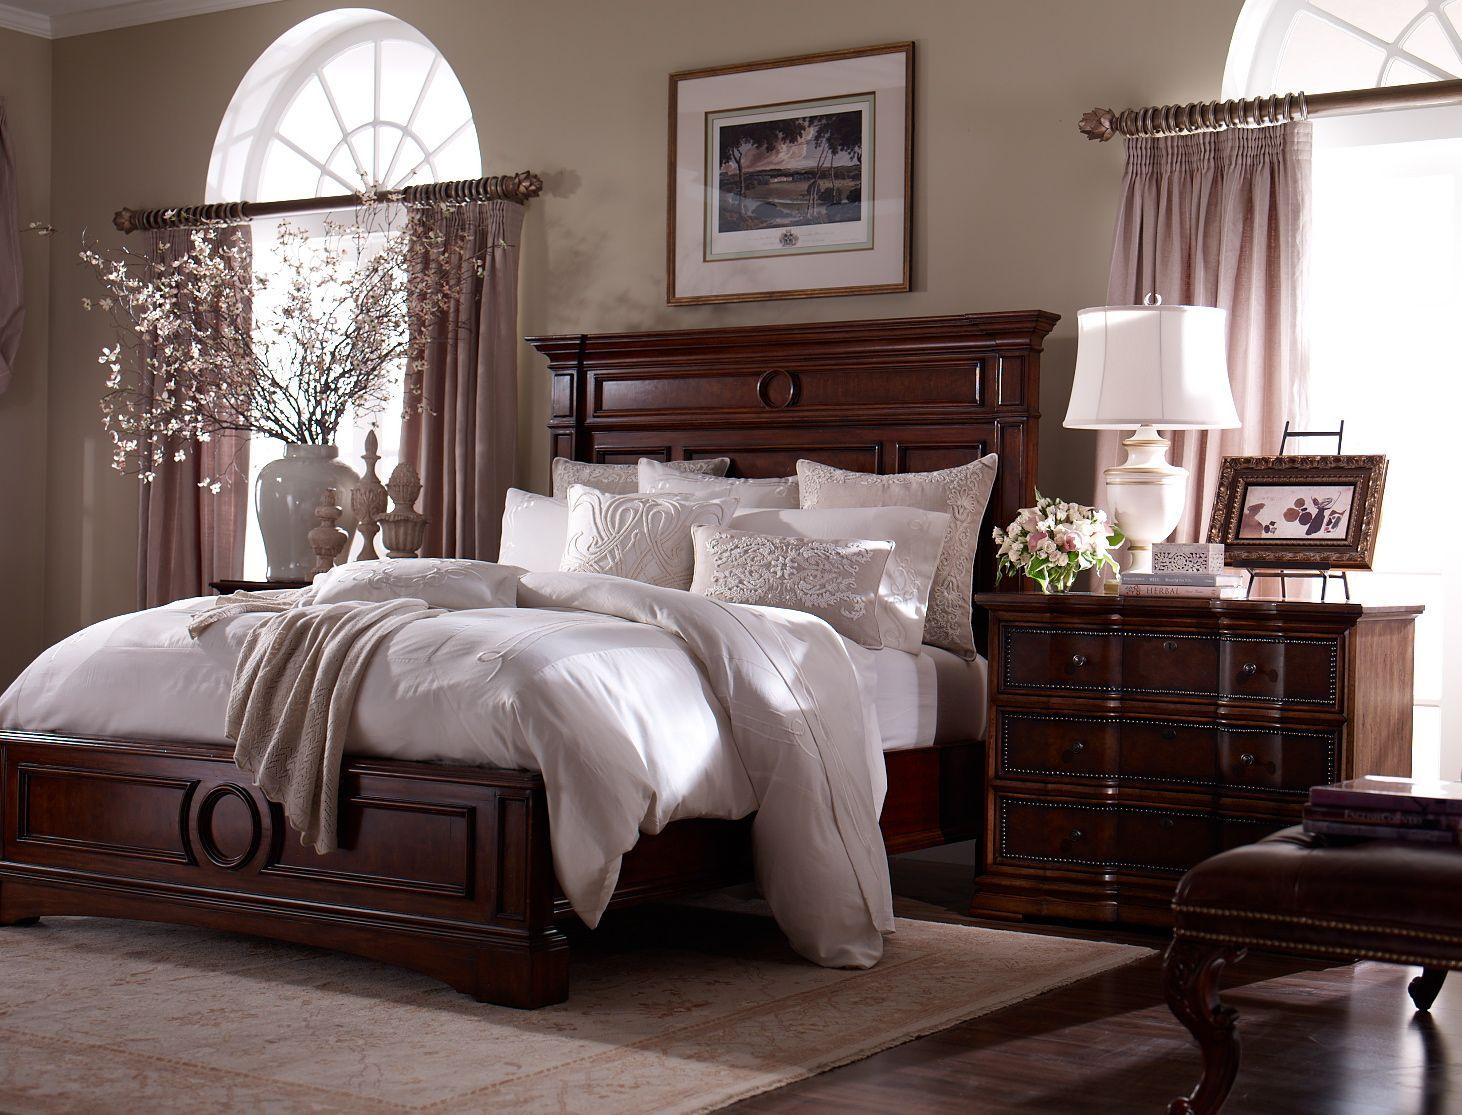 Stately Master Bedroom Furniture Dark Bedroom Furniture Traditional Bedroom